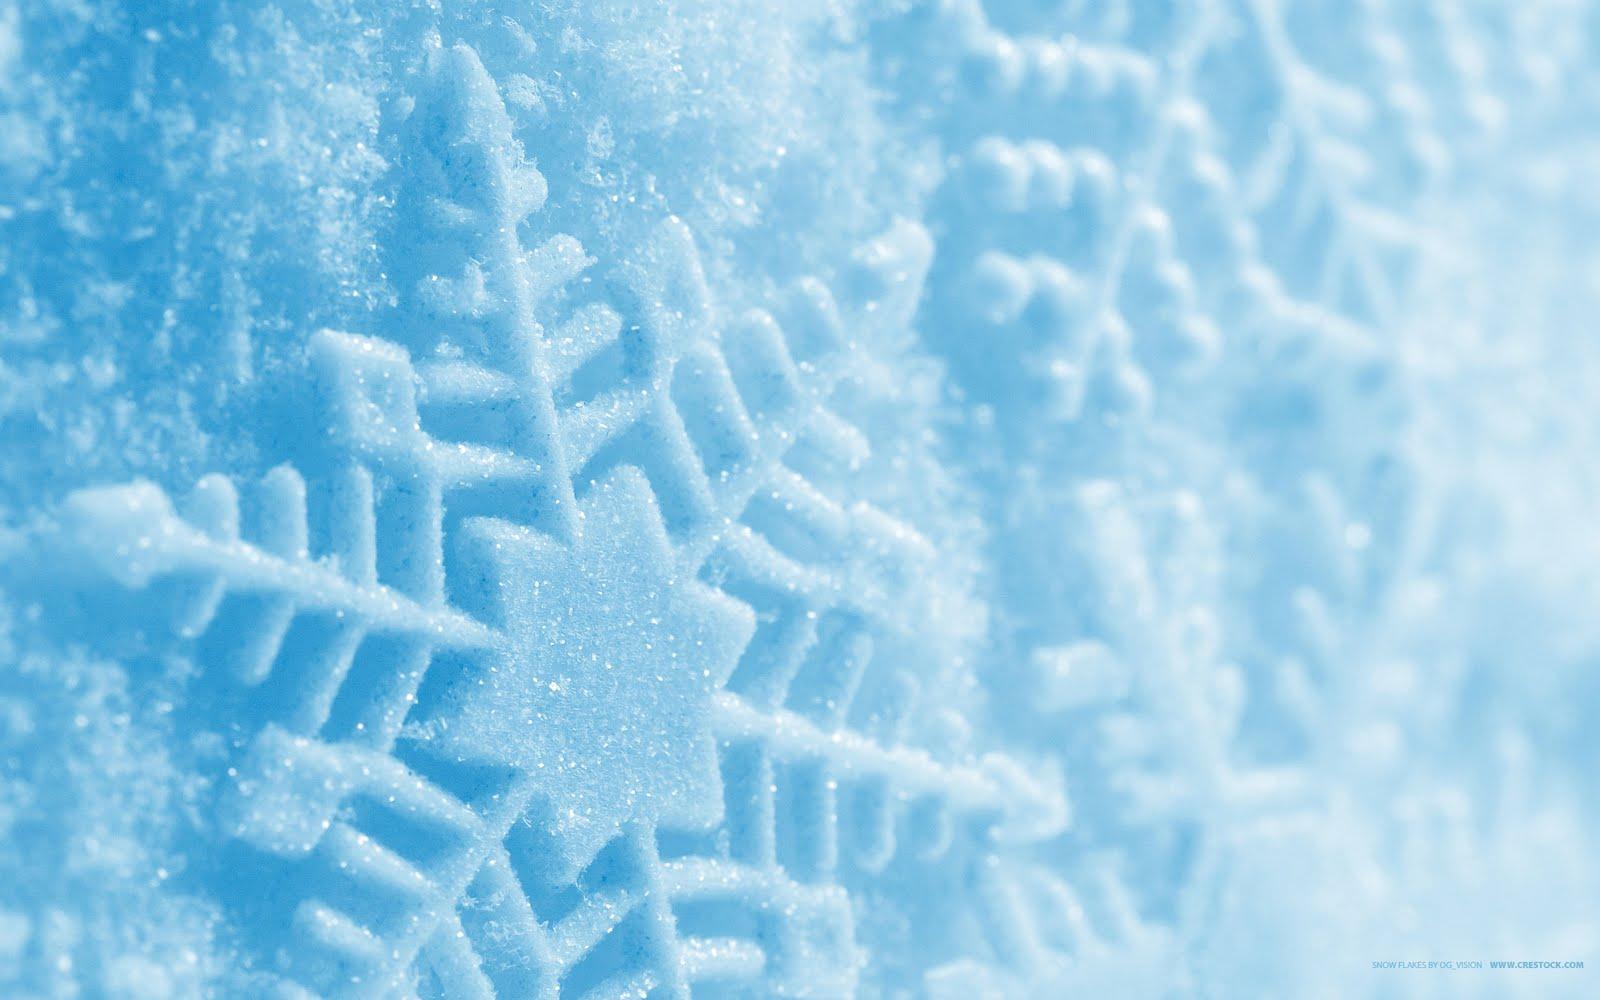 http://3.bp.blogspot.com/_2UbsSBz9ckE/SvIq_HlemKI/AAAAAAAAASs/bZ34fppGyqw/s1600/Snow%2BHD%2BWallpaper.jpg